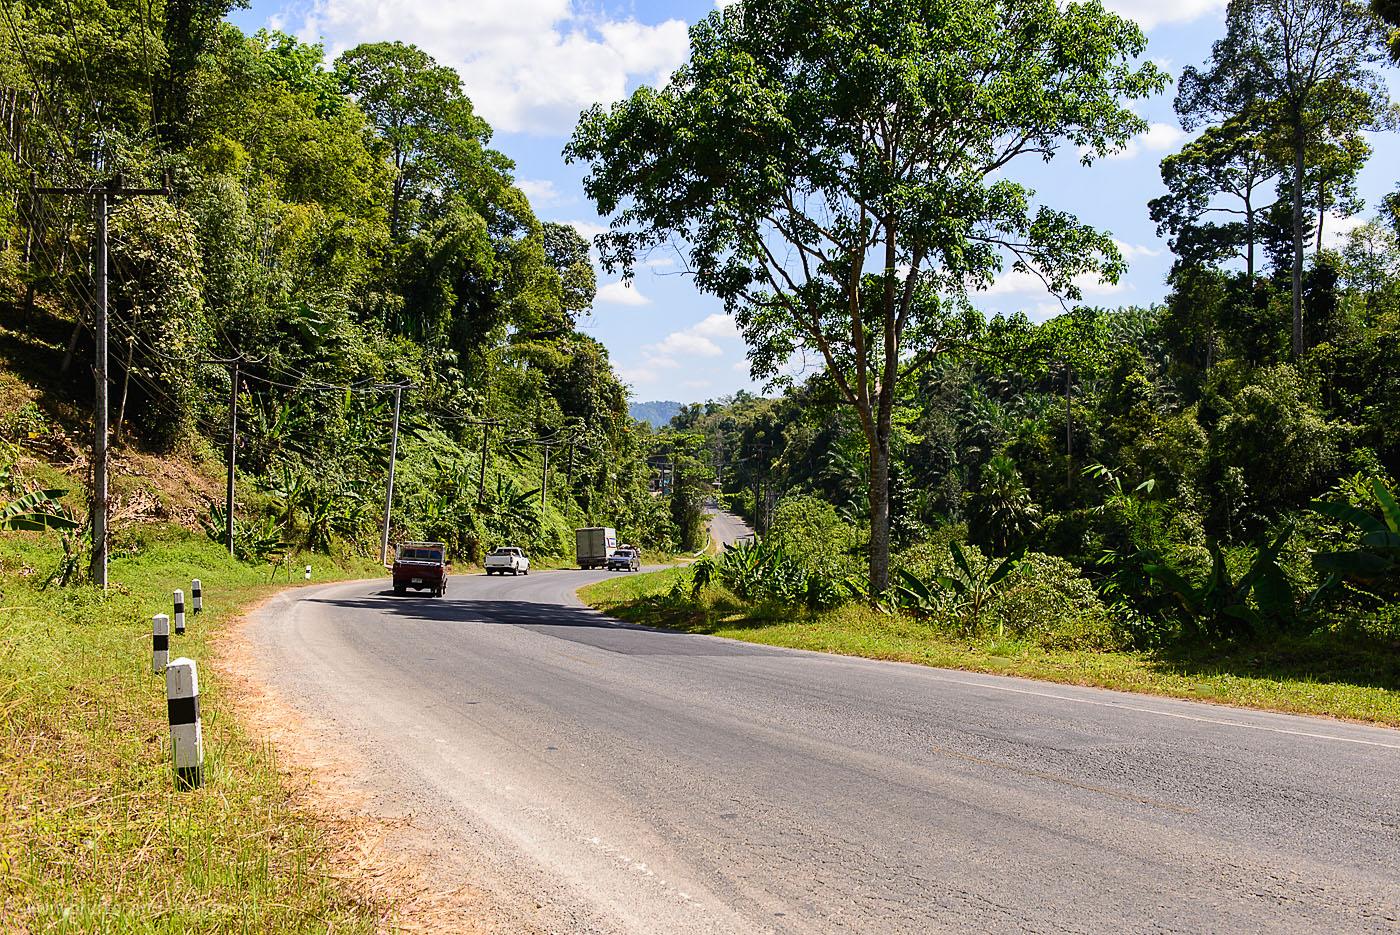 Фотография 2. Необычное путешествие по Таиланду. Отзывы туристов. По пути в Ранонг (200, 35, 9.0, 1/160)